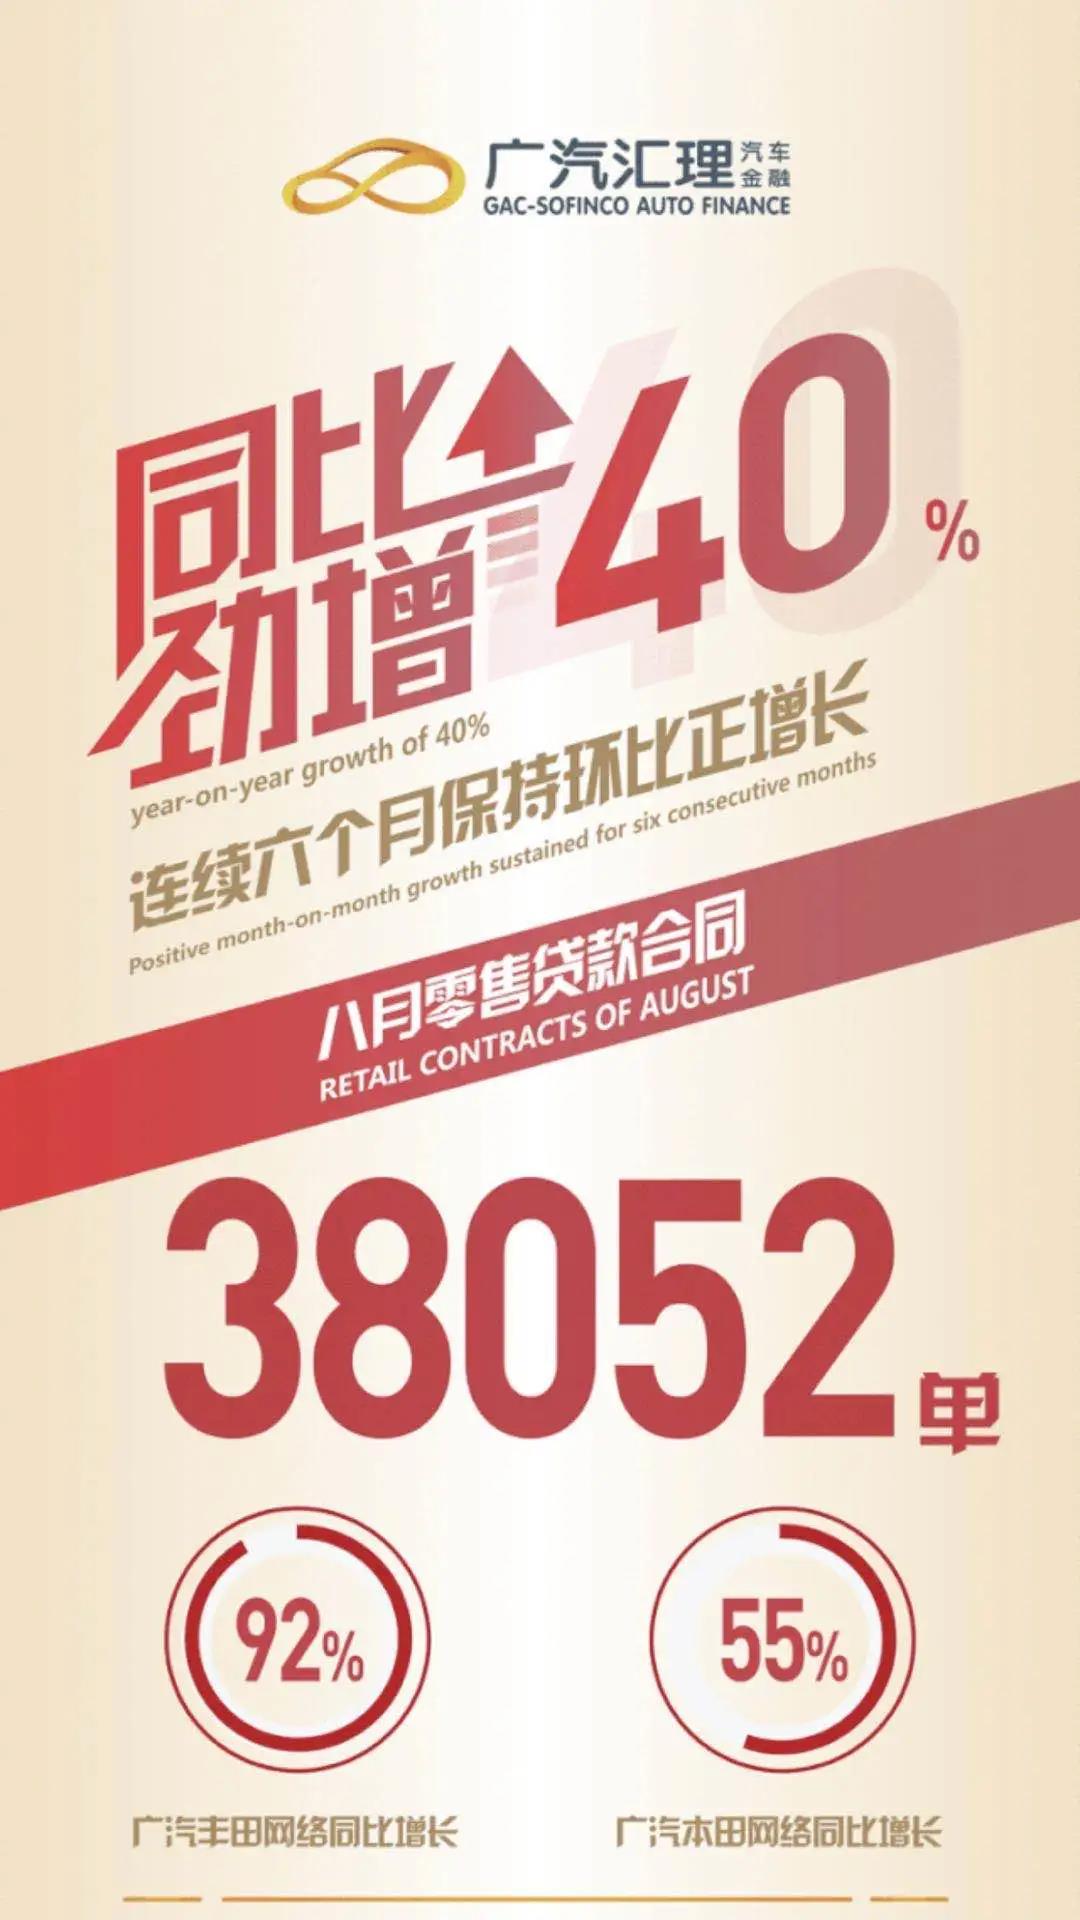 广汽汇理诞生第200万名客户,高增长隐含的高质量,高在哪里?